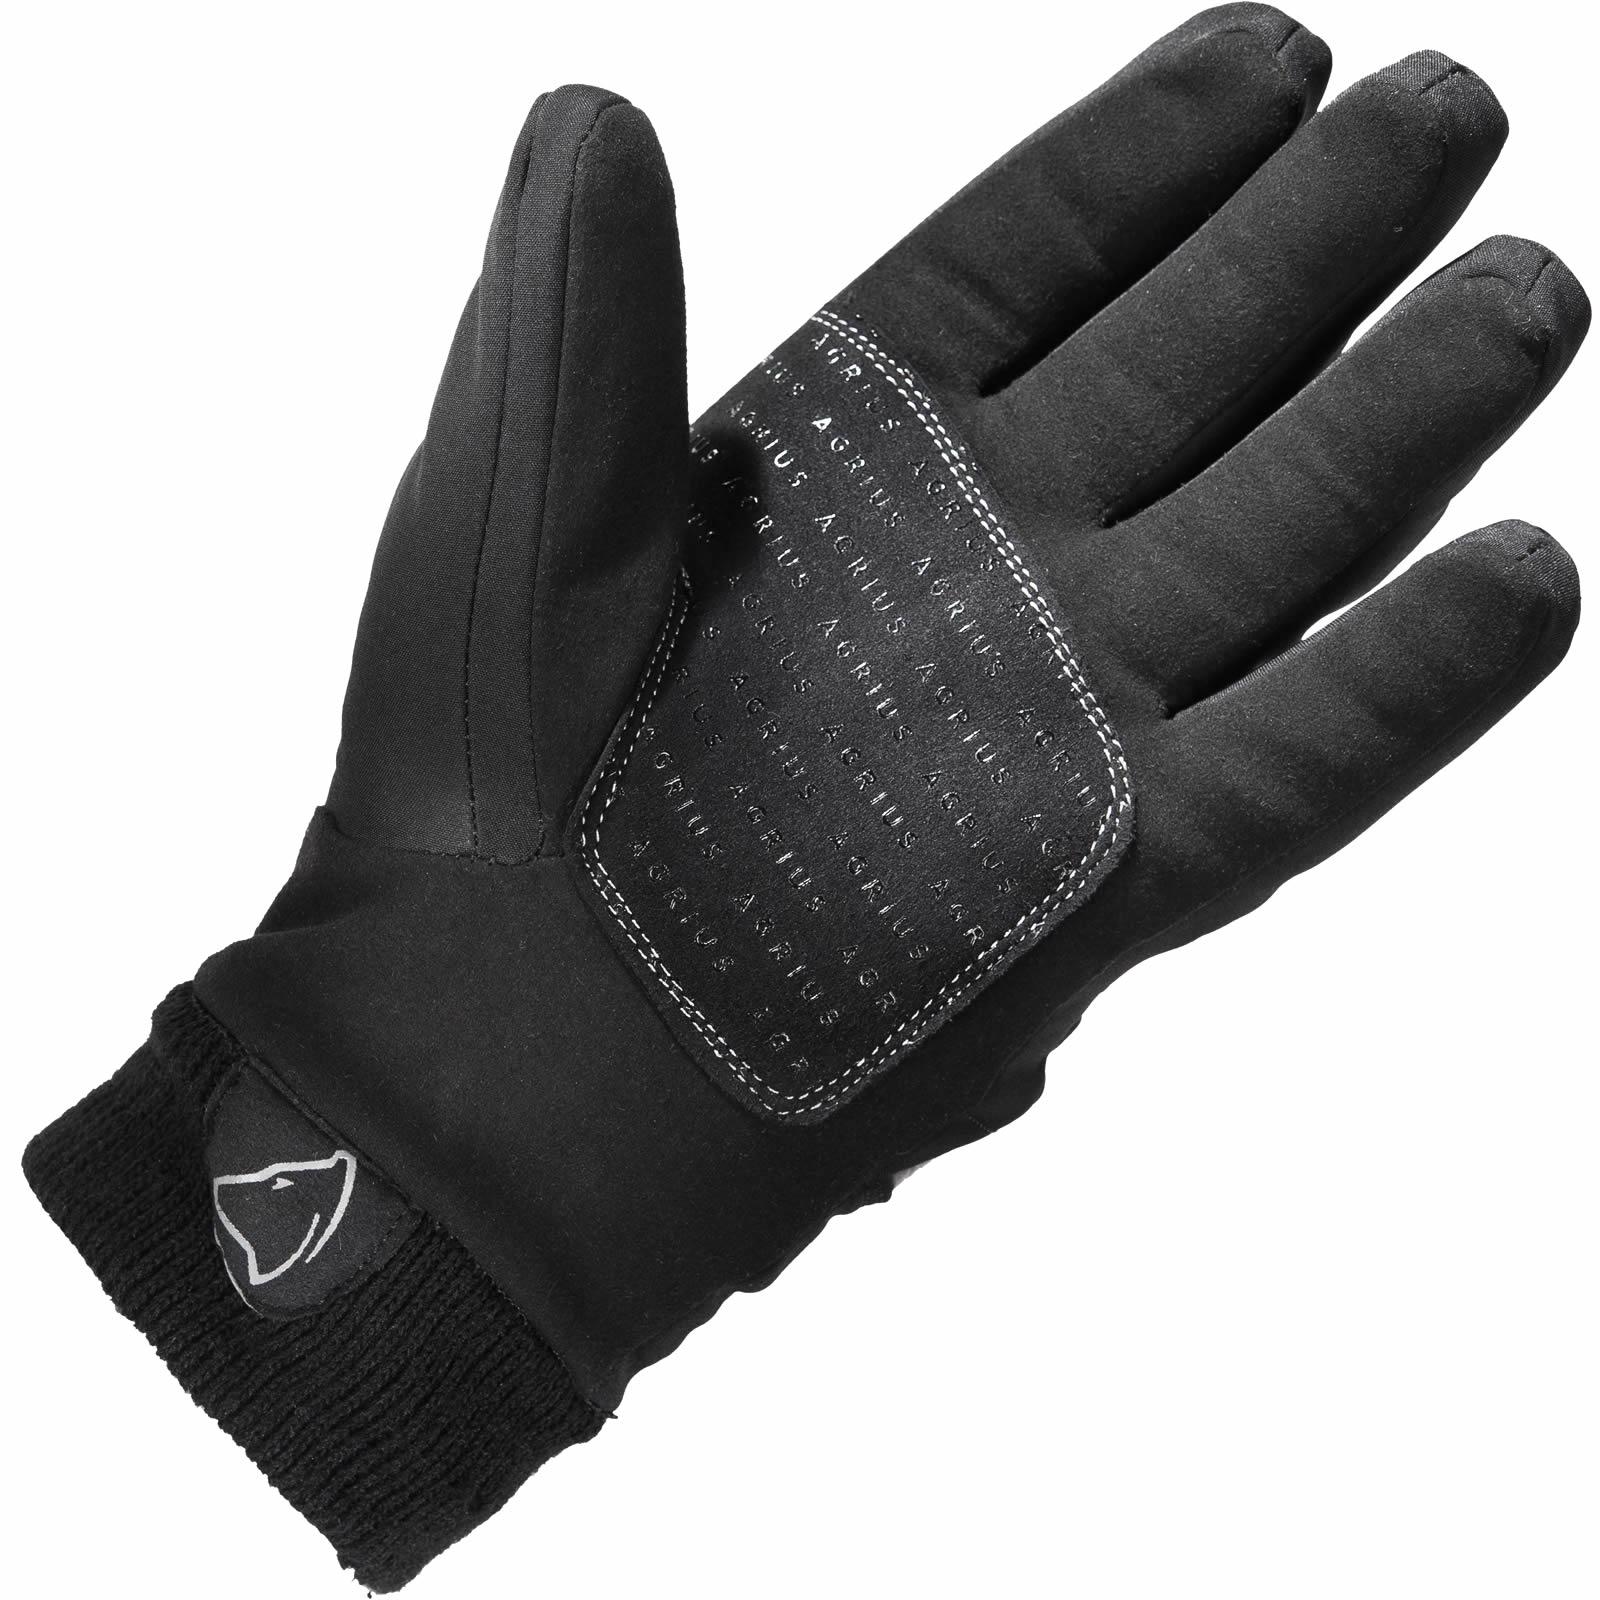 Motorcycle knuckle gloves - Agrius Ajax Waterproof Motorcycle Gloves Motorbike Hard Knuckle